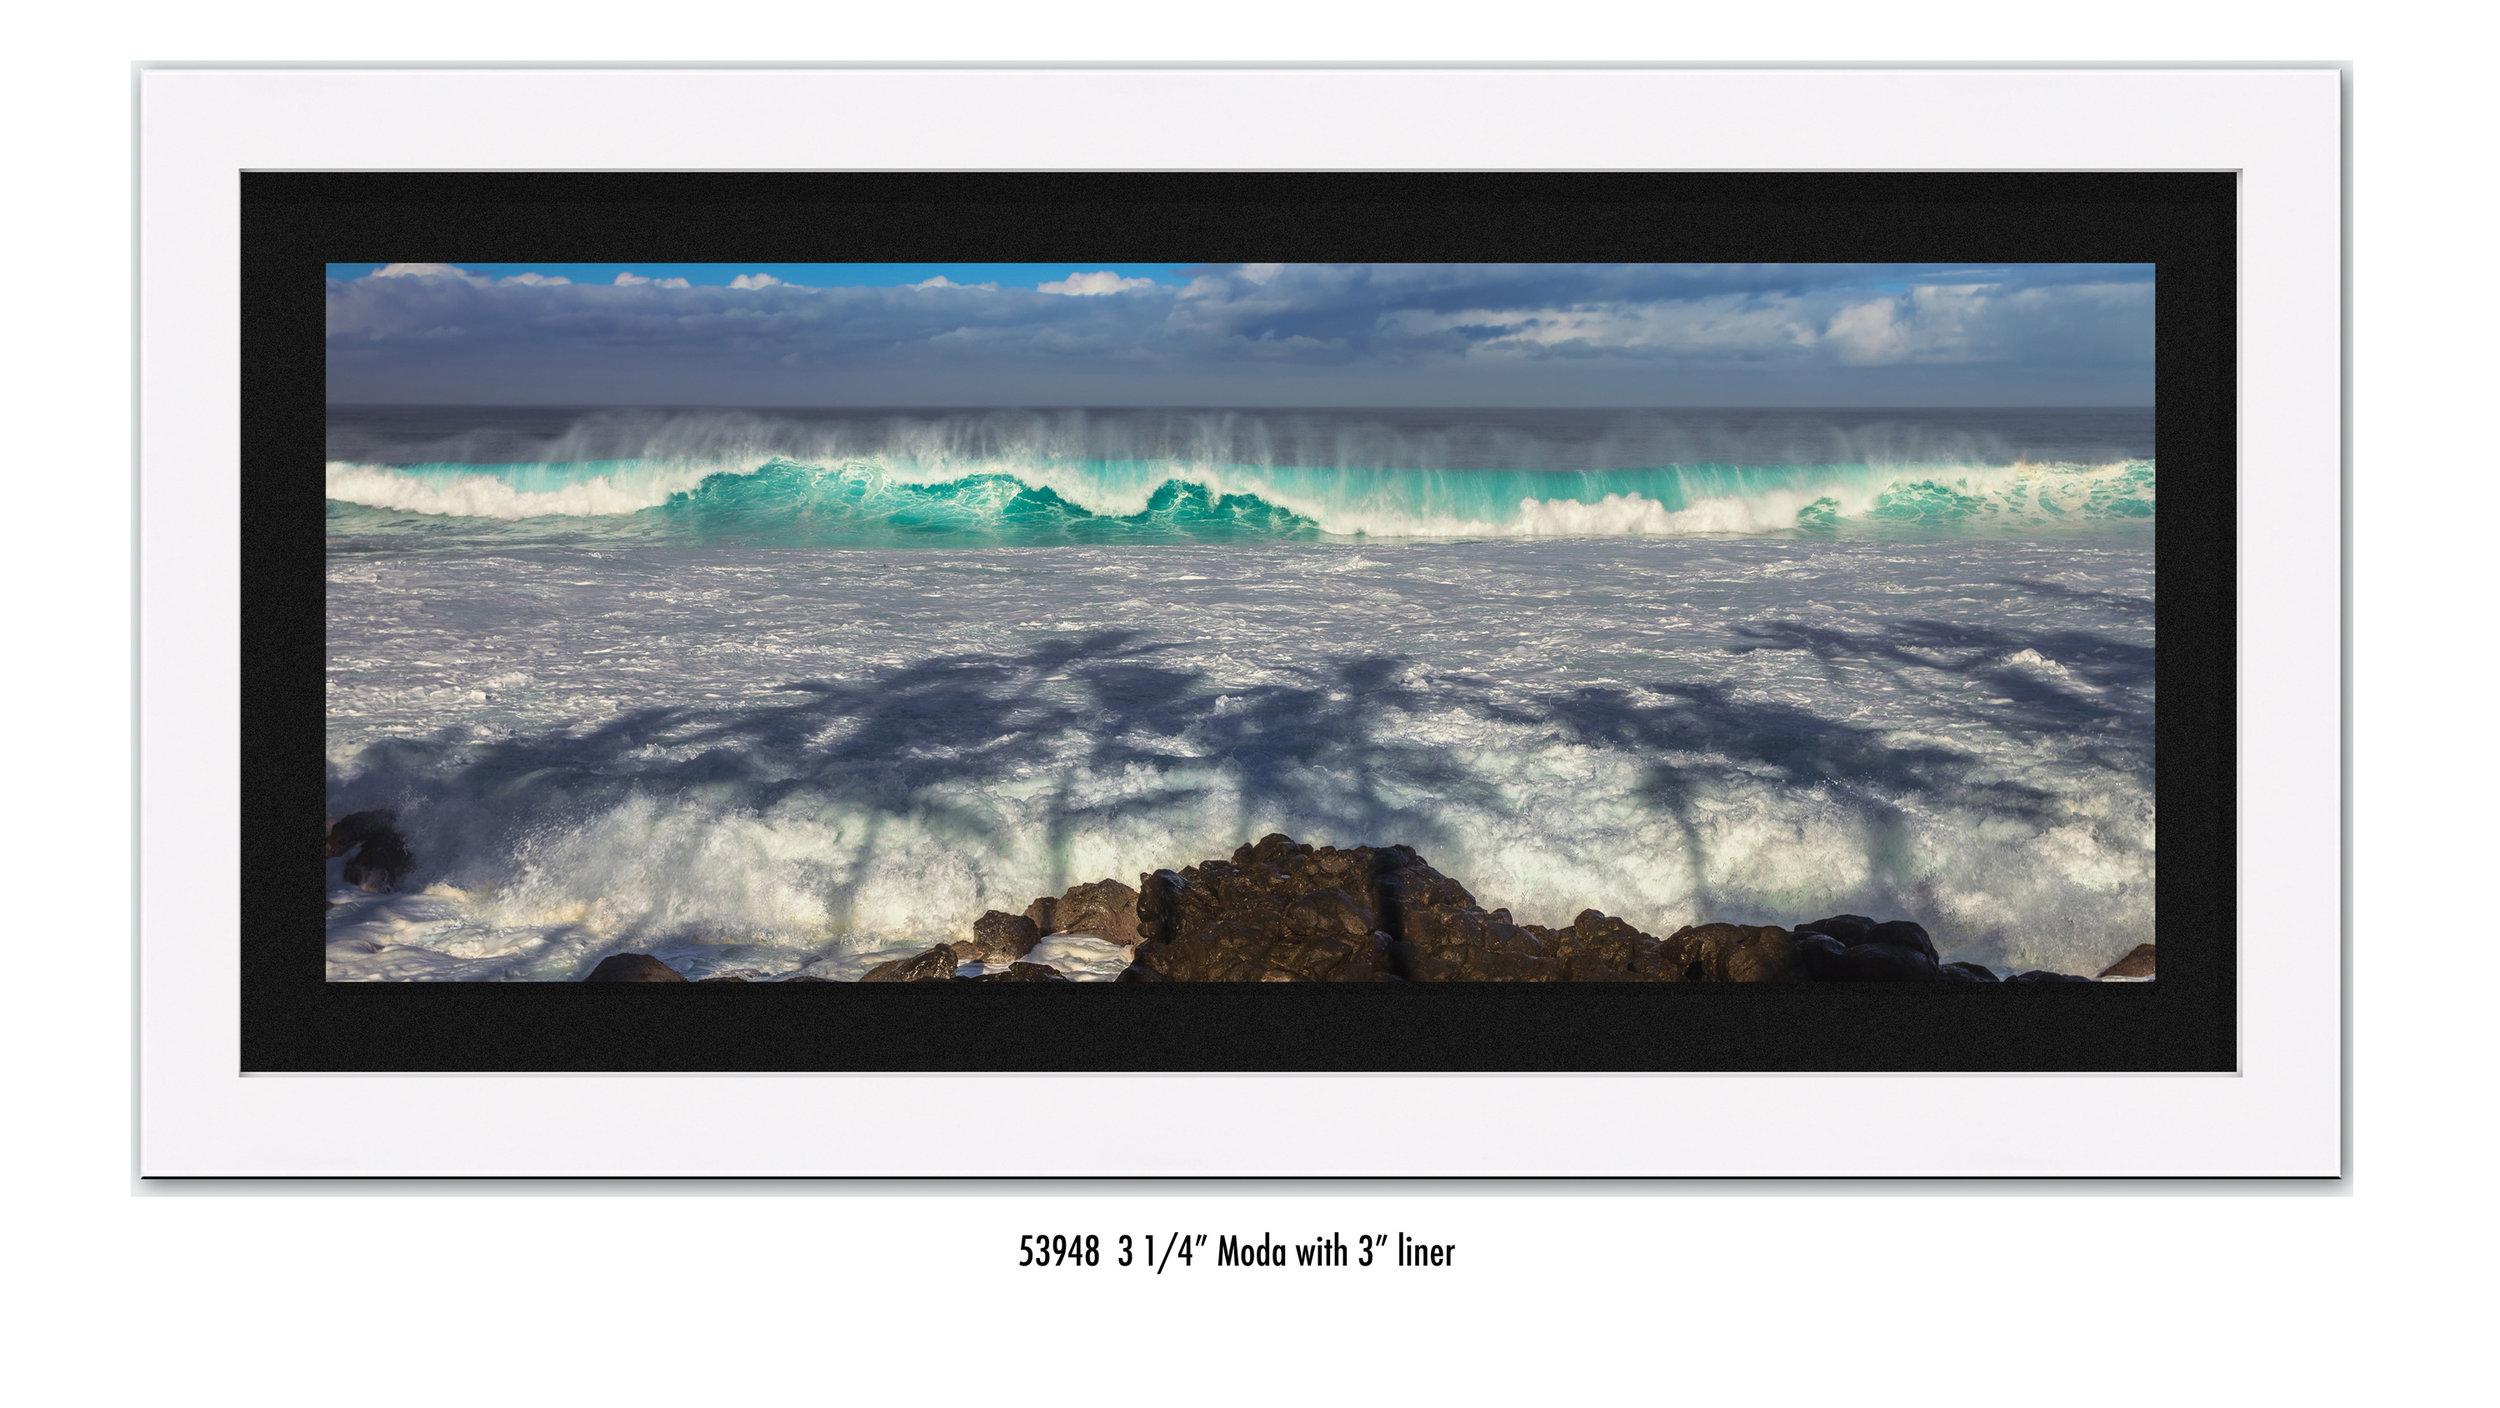 Eddie-Wave-59348-blk.jpg